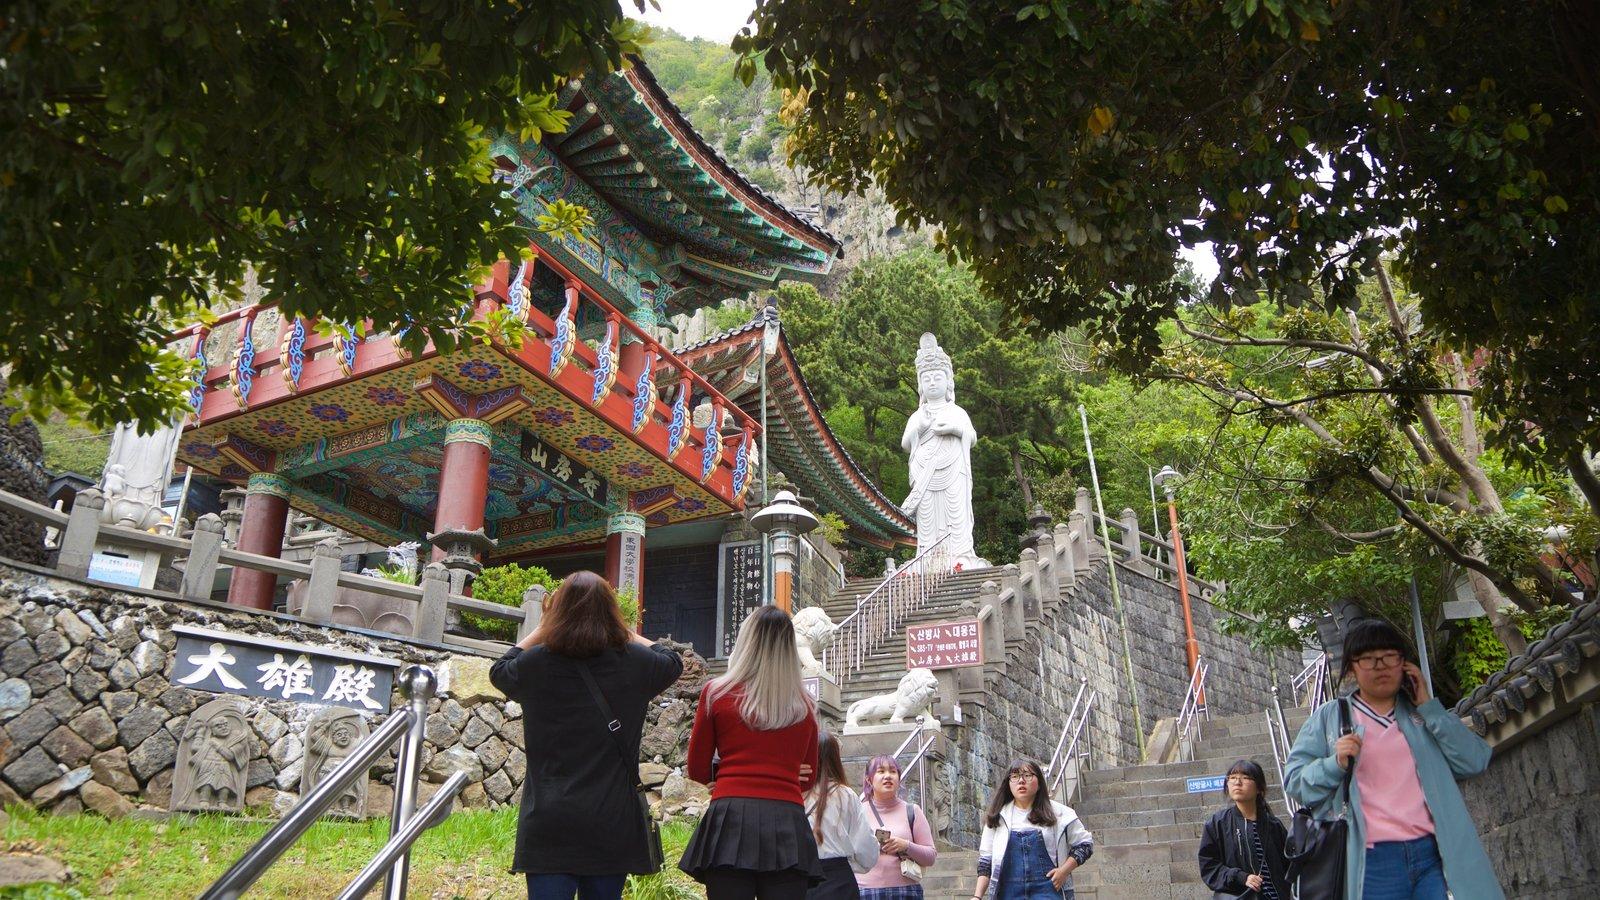 Montaña Sanbangsan ofreciendo elementos del patrimonio y también un pequeño grupo de personas